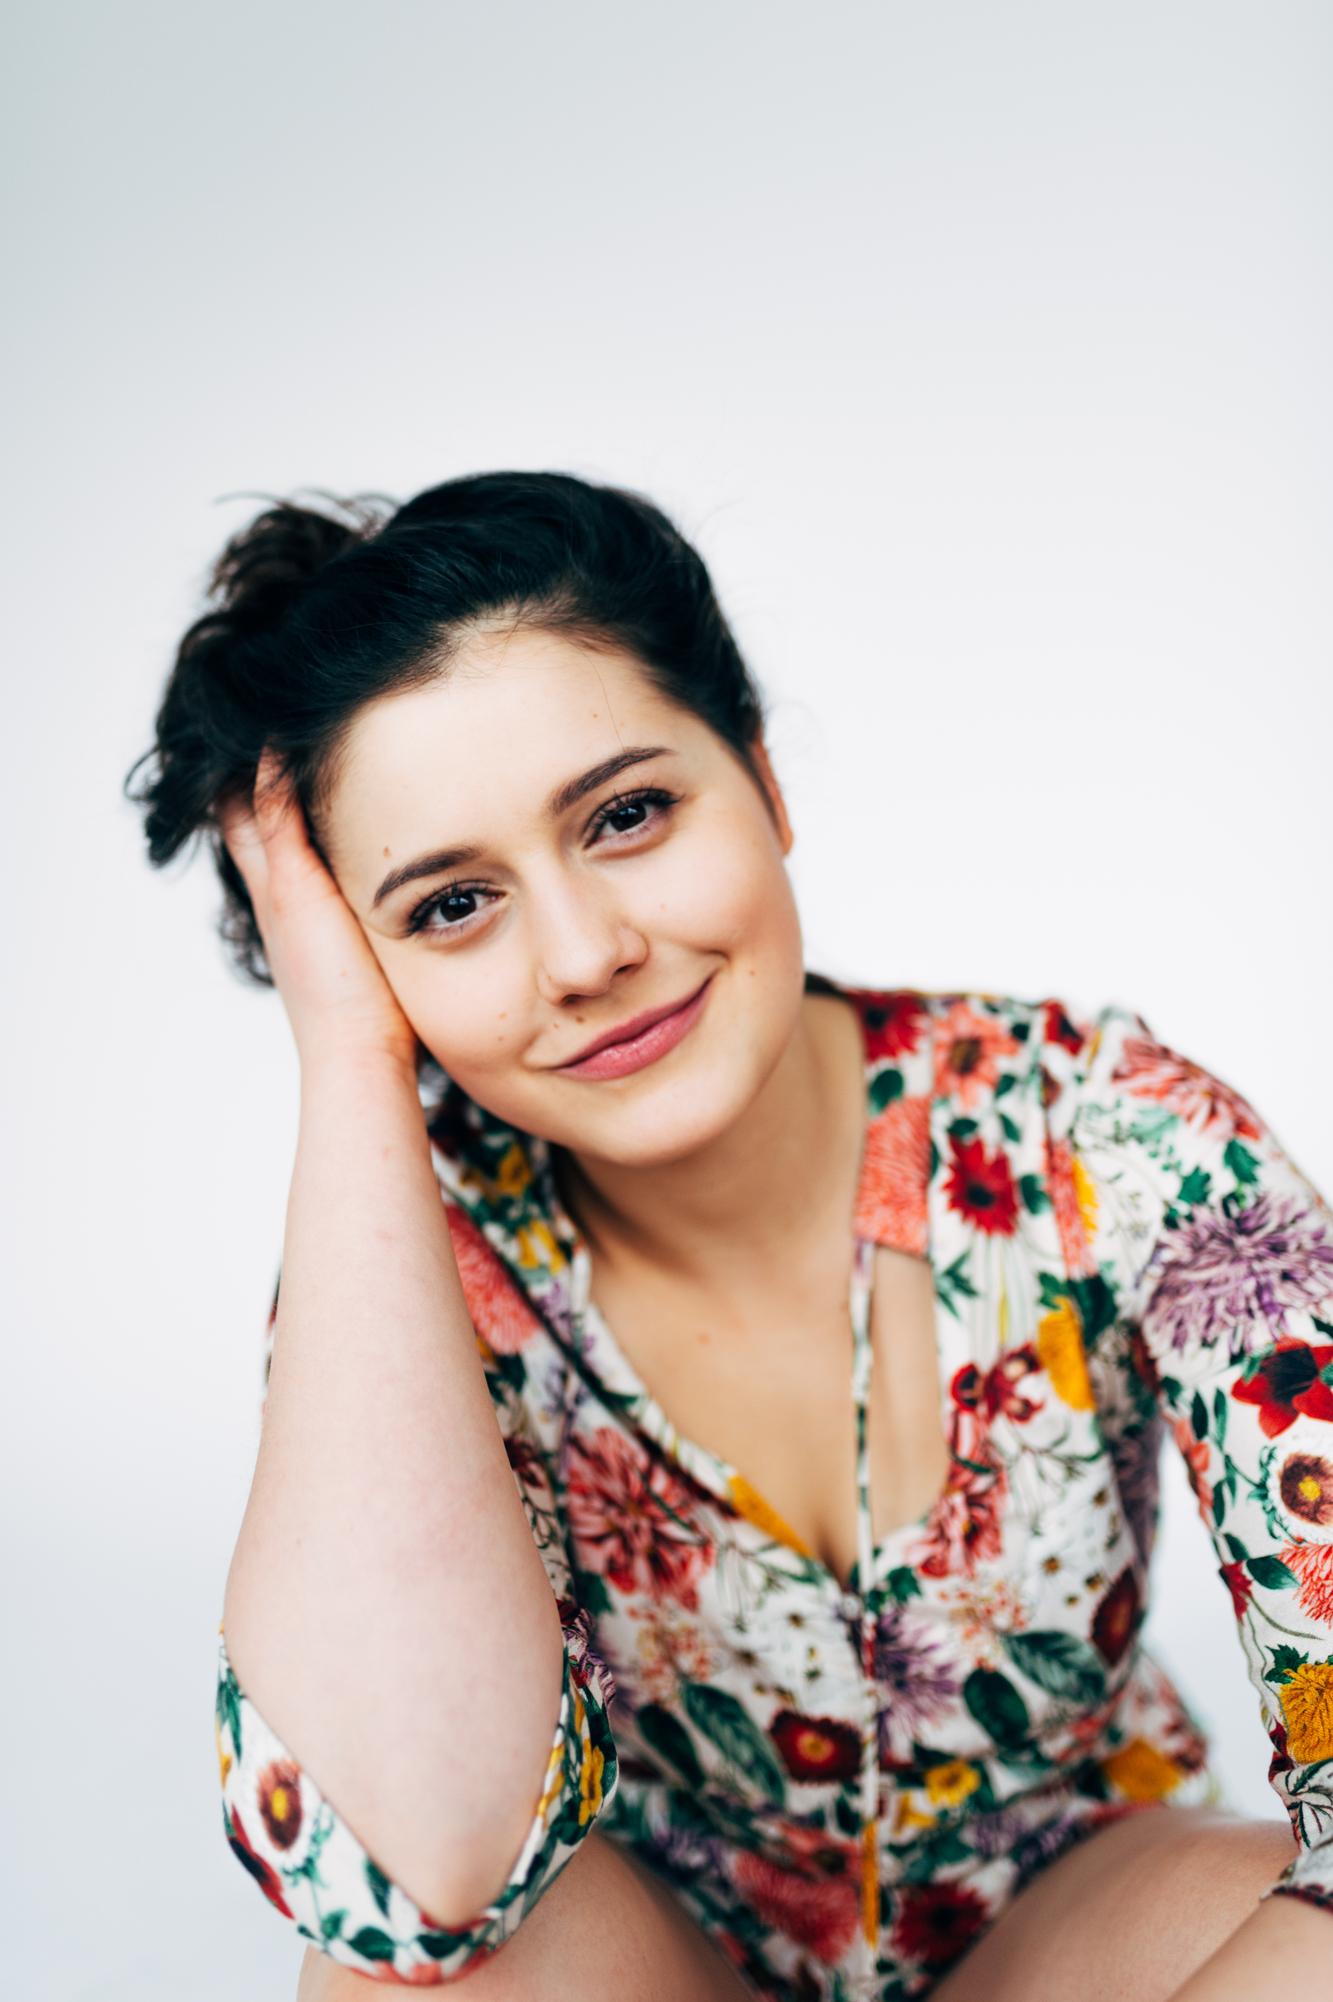 Julia_Szewczyk